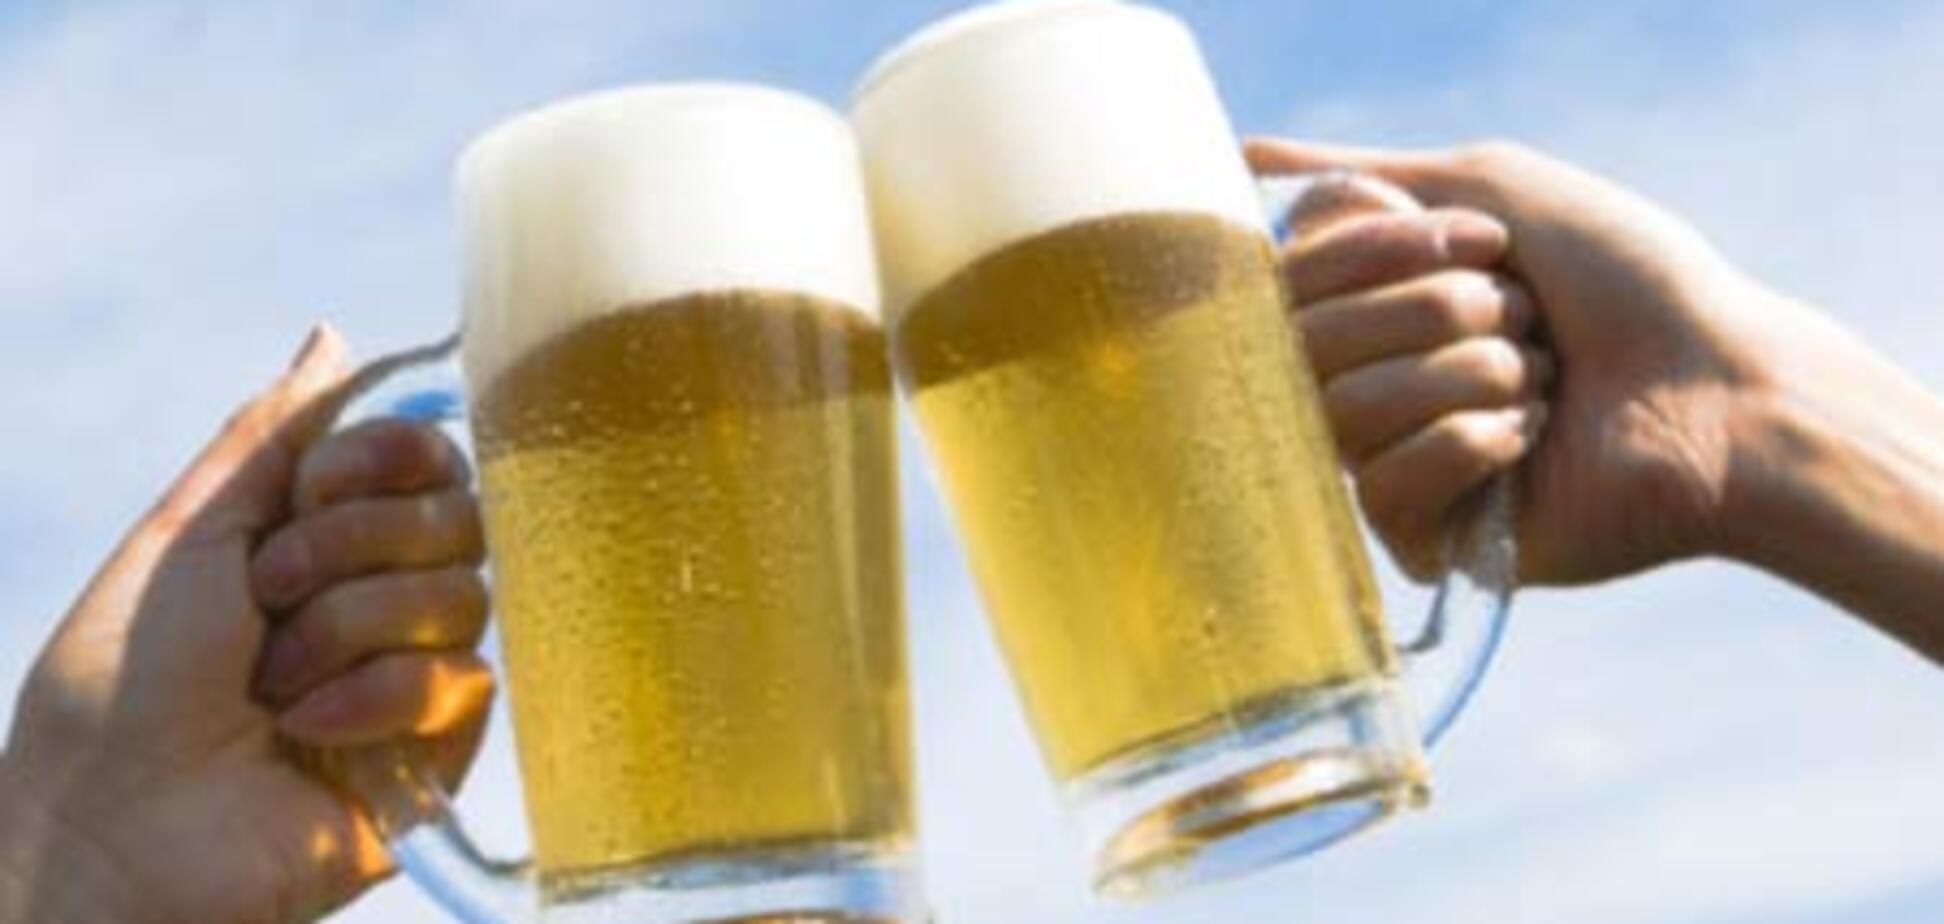 Ученые научились продлевать жизнь пиву